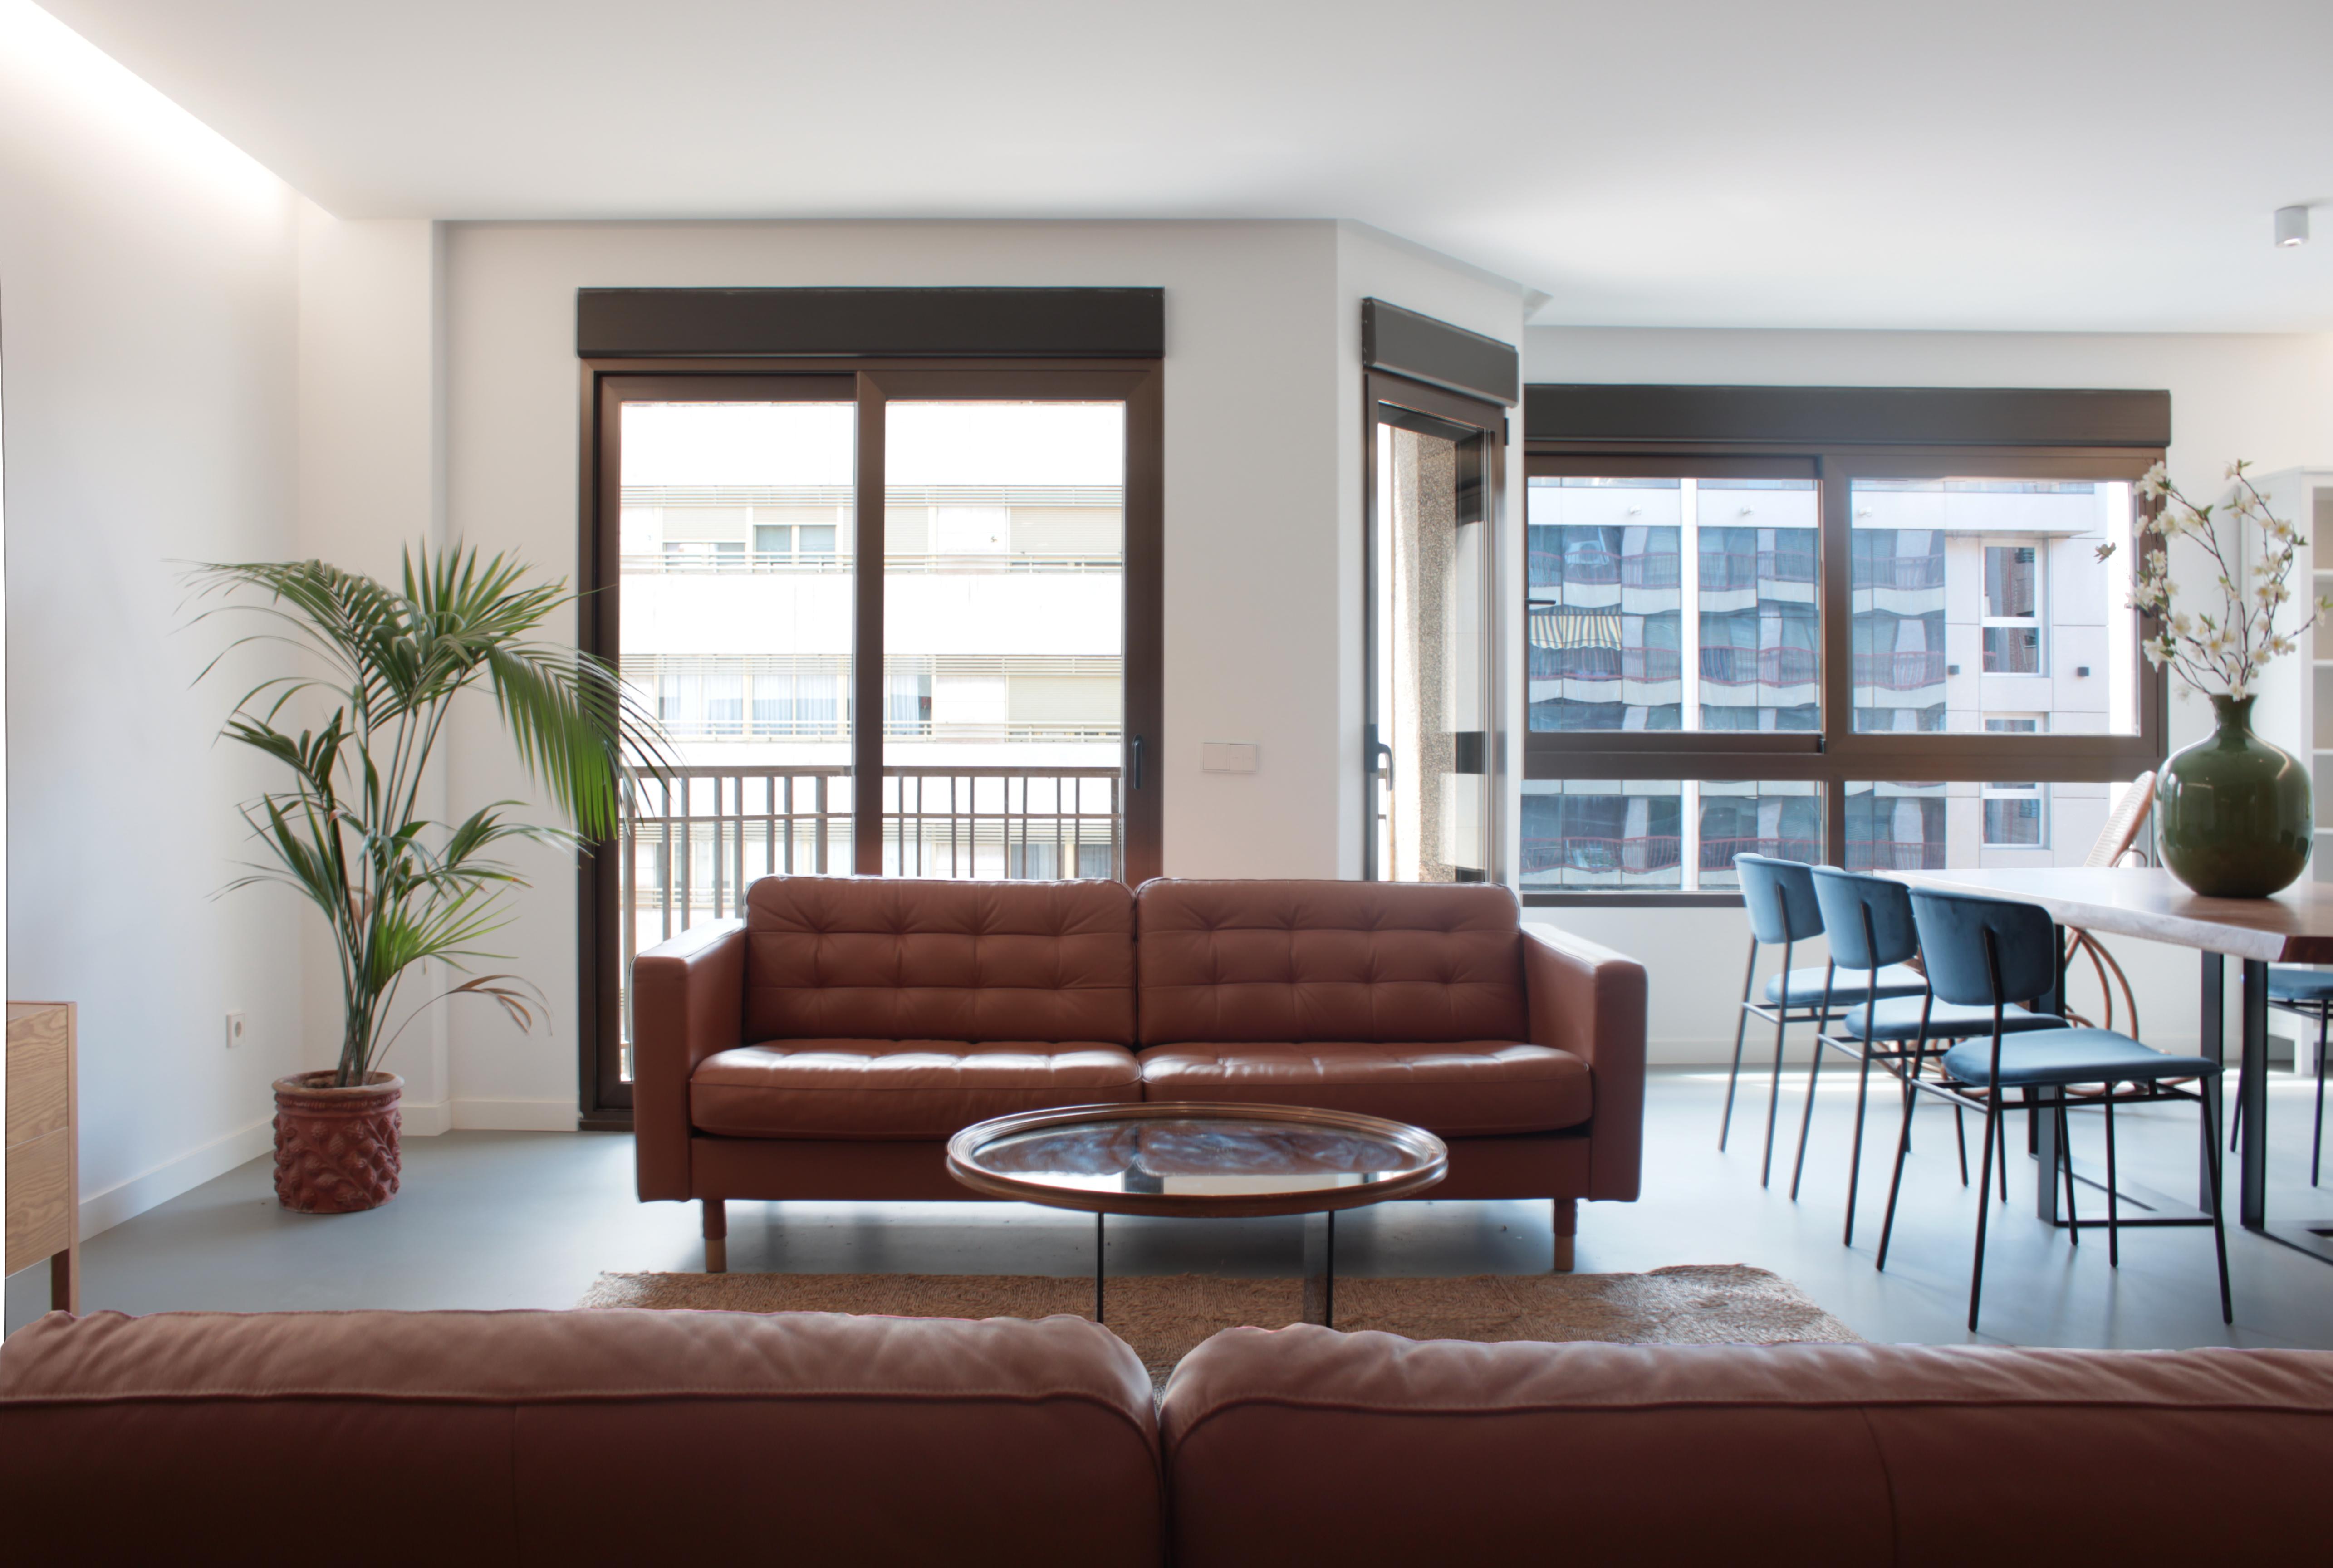 Zona común de apartamento en el centro